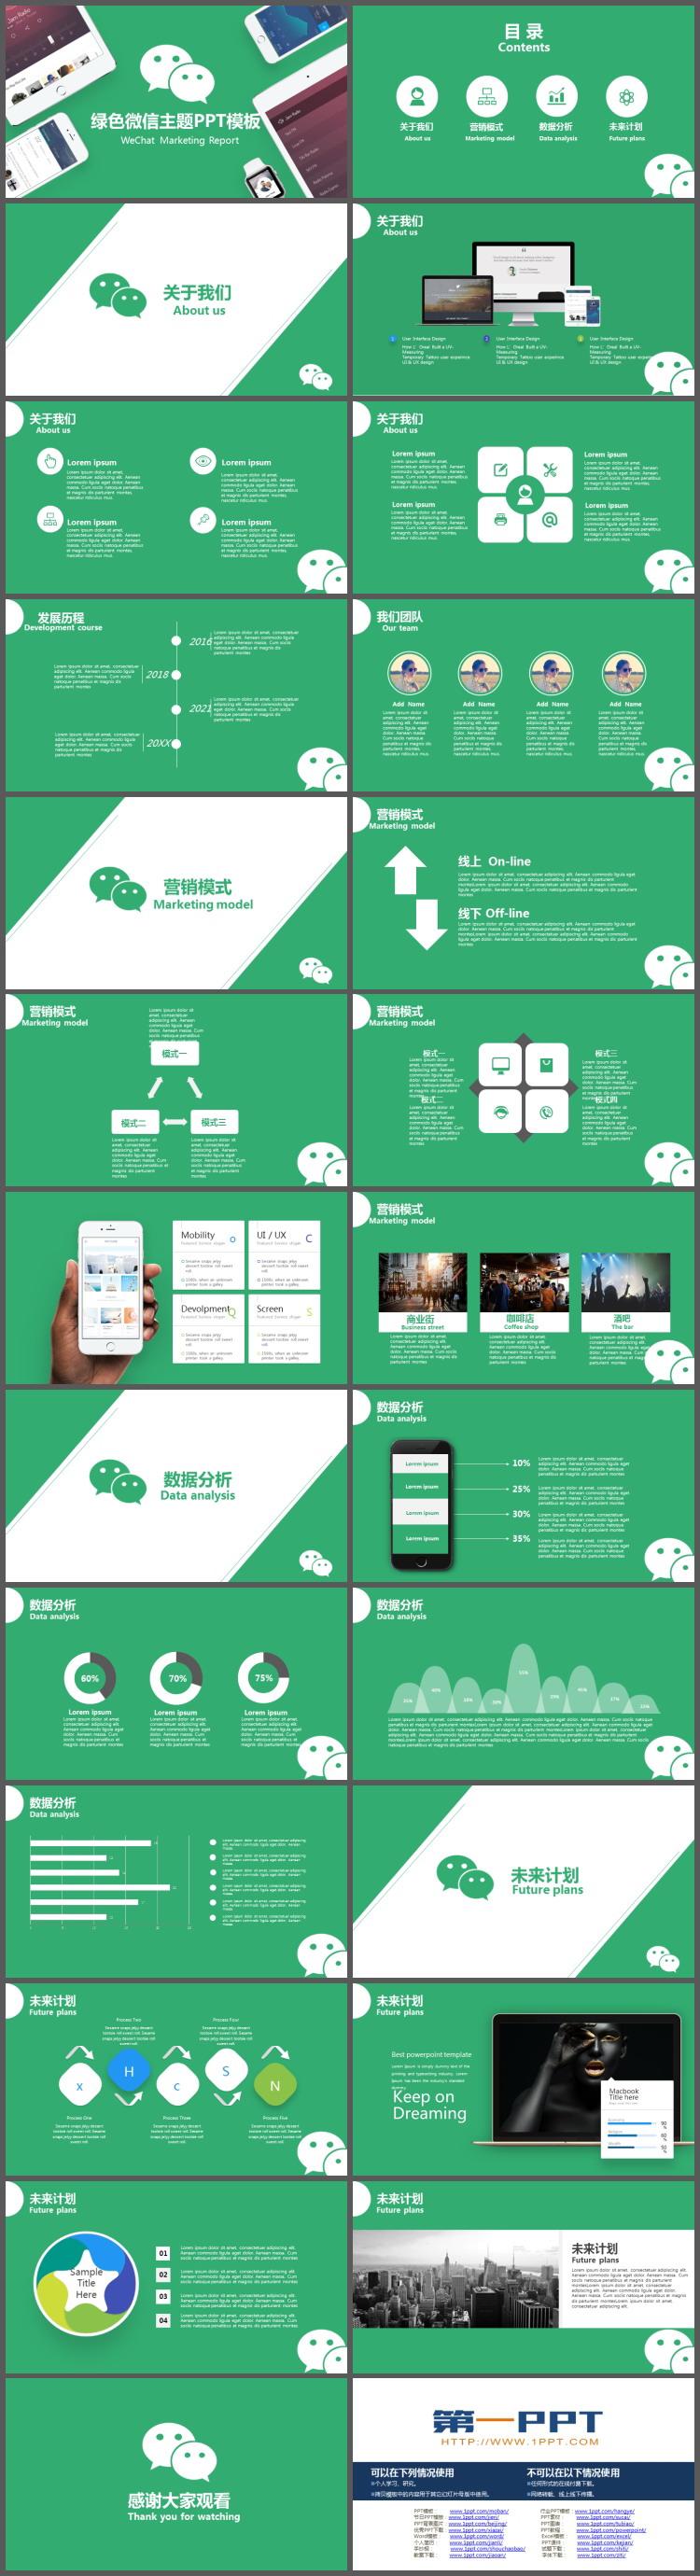 手机平板背景的微信营销策划培训东京热人妻丝袜无码av一二三区观